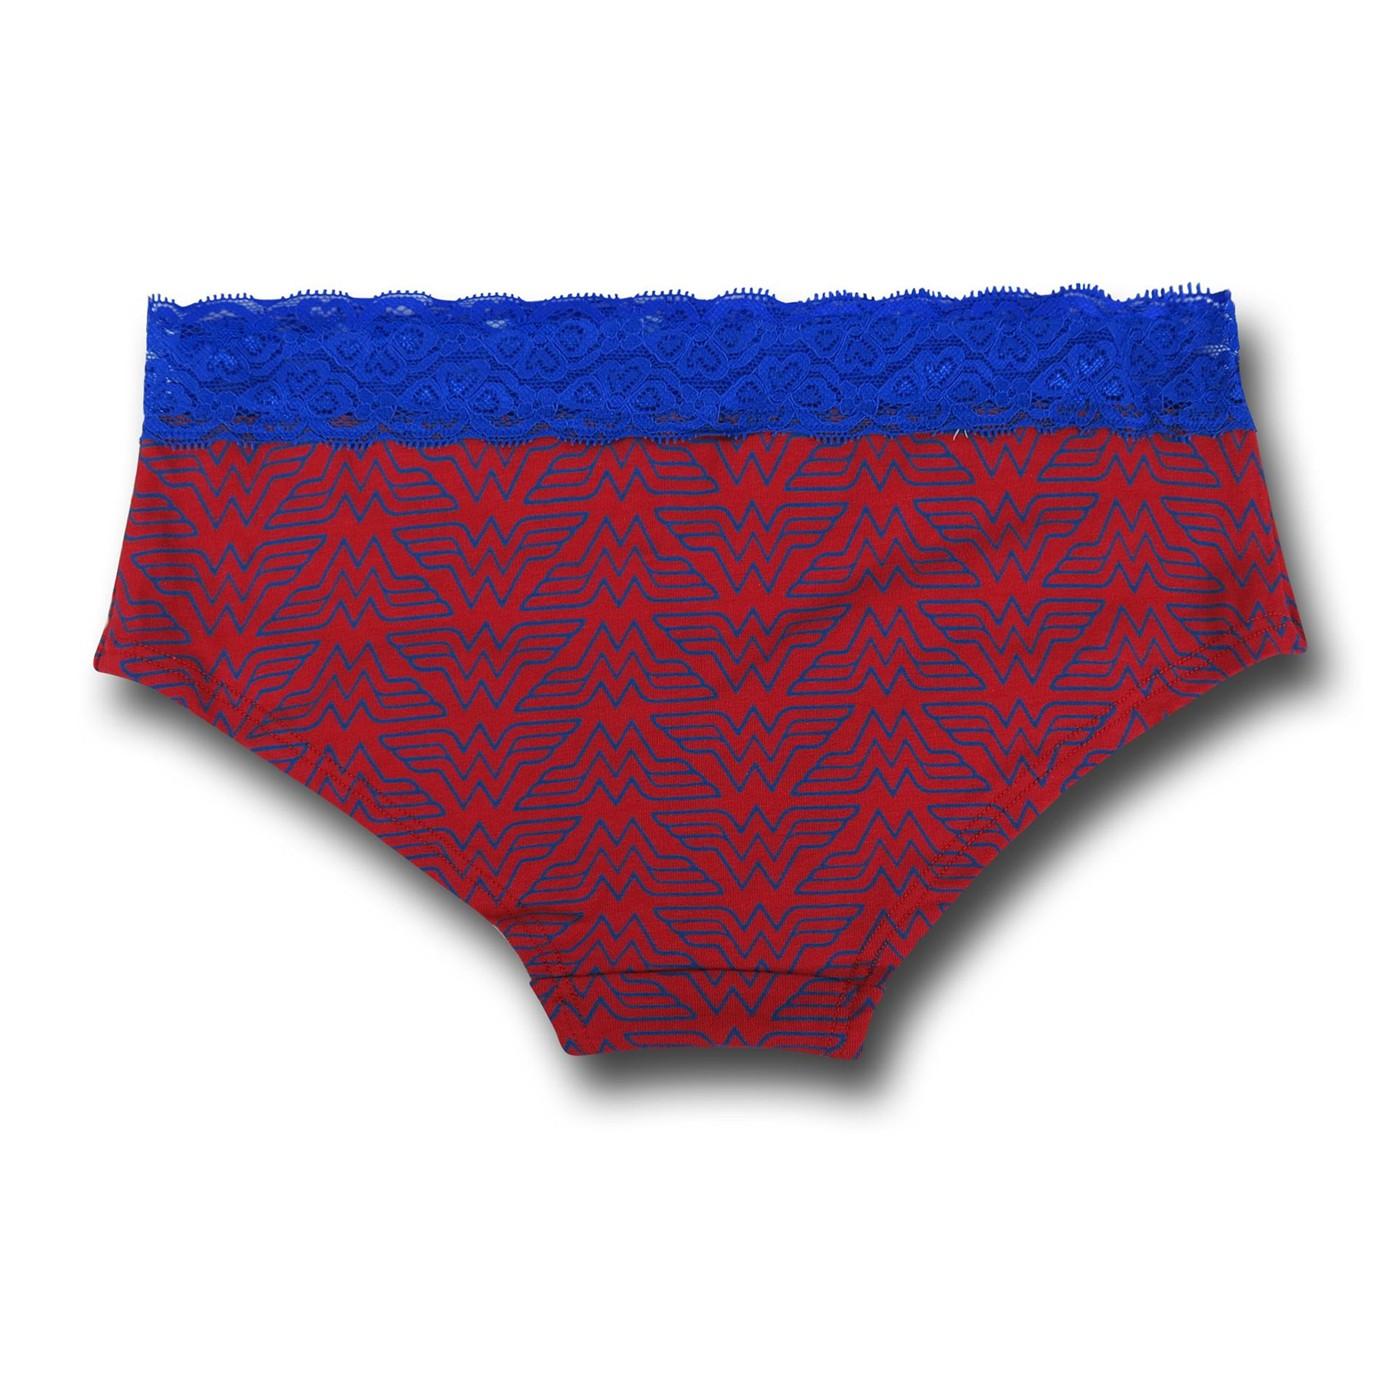 Wonder Woman Lace/Foil Women's Panty